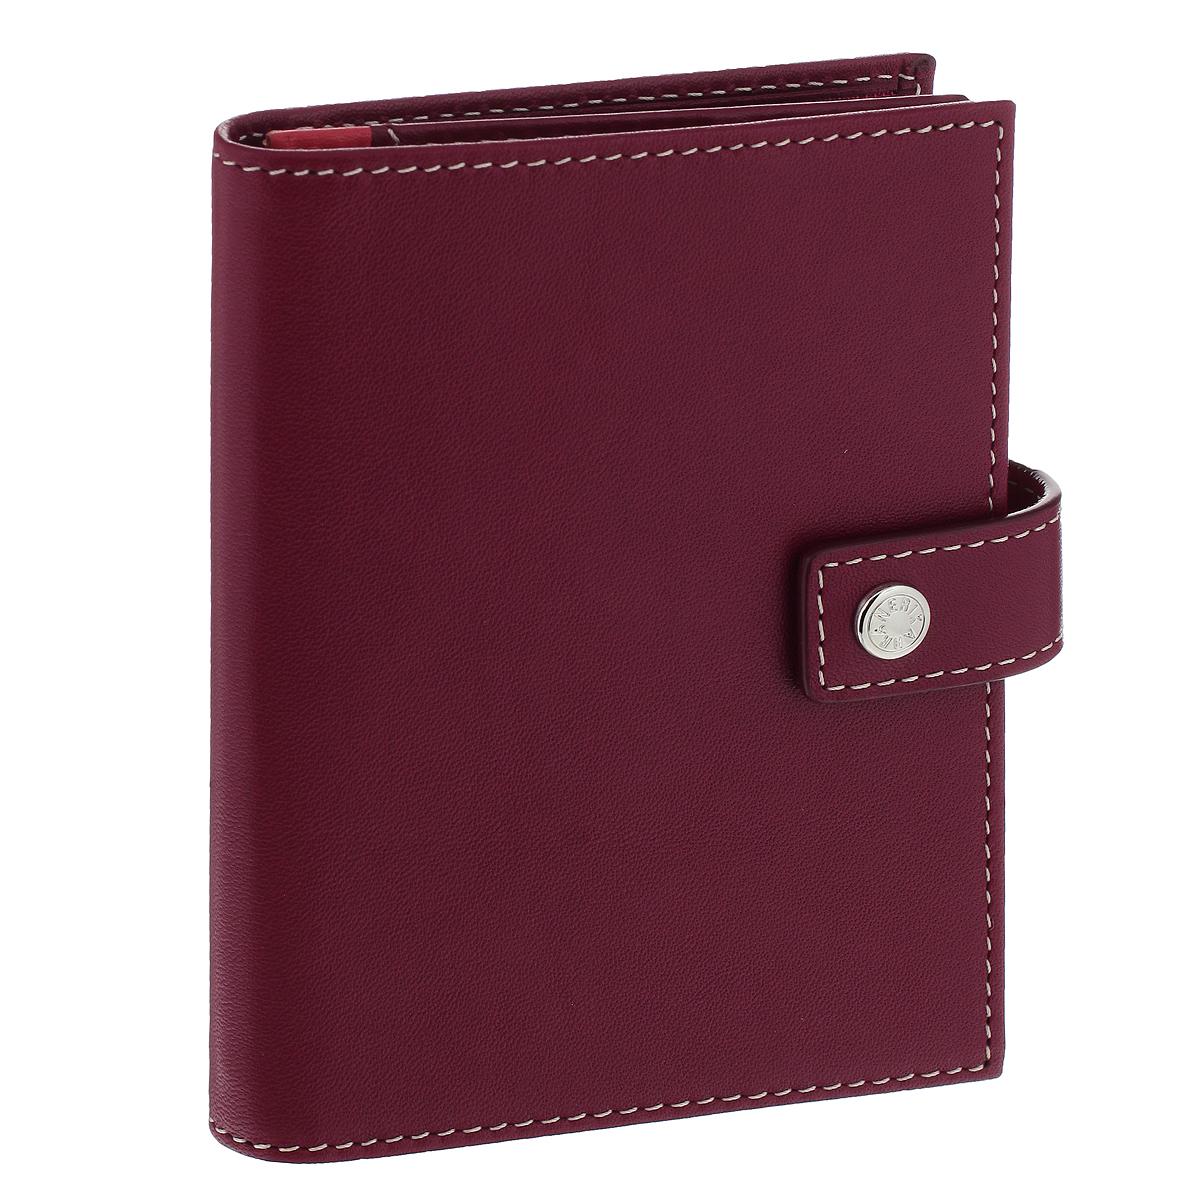 Обложка для паспорта и автодокументов Neri Karra, цвет: вишневый. 0031 3-01.50/3-01.58NB0031 3-01.50/3-01.58NBОбложка для паспорта и автодокументов Neri Karra не только сохранит внешний вид документов в аккуратном состоянии, но и станет стильным аксессуаром, который, благодаря своему современному дизайну и высокому качеству исполнения, несомненно, привлечет внимание окружающих и никого не оставит равнодушным. Обложка выполнена из натуральной кожи и оформлена контрастной отстрочкой. Внутри обложка содержит: отделение для паспорта, съемный блок с 6 файлами из мягкого прозрачного пластика (для водительского удостоверения, для ПТС, техосмотра и один разворачивающийся файл формата А5), 3 кармана для визиток и кредитных карт, сетчатый карман для фото и три вертикальных кармана для бумаг. Обложка закрывается на хлястик с металлической кнопкой. Кожгалантерея Neri Karra очень быстро заняла твердую позицию одного из лидеров на российском рынке. Портфель, кошелек, визитница, ключница, портмоне или ремень… какой бы предмет кожгалантереи Neri Karra Вы бы ни выбрали, он станет достойным...